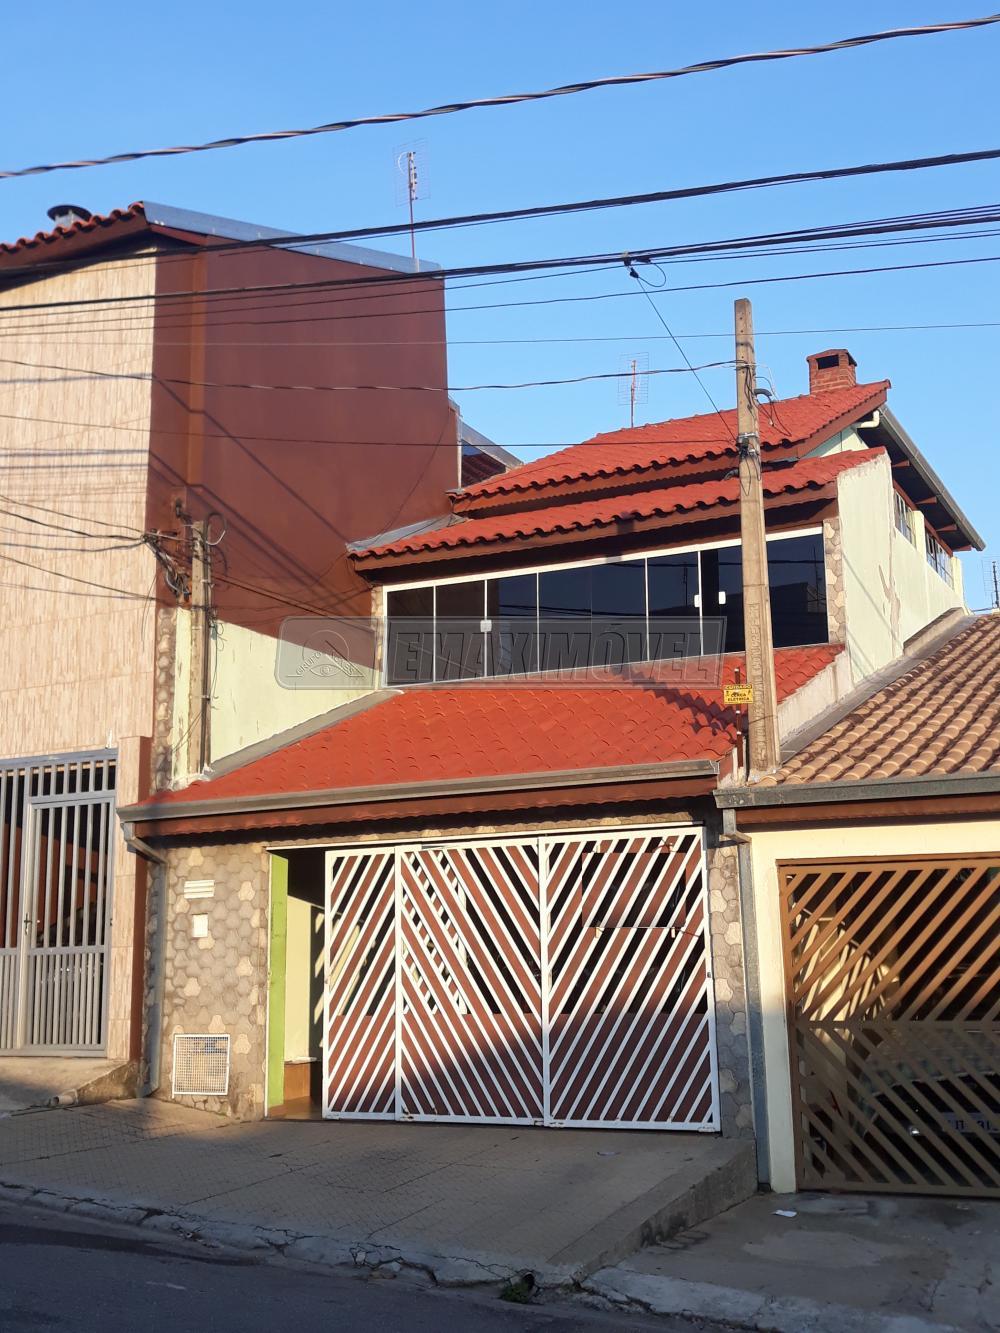 Comprar Casas / em Bairros em Sorocaba apenas R$ 365.000,00 - Foto 1